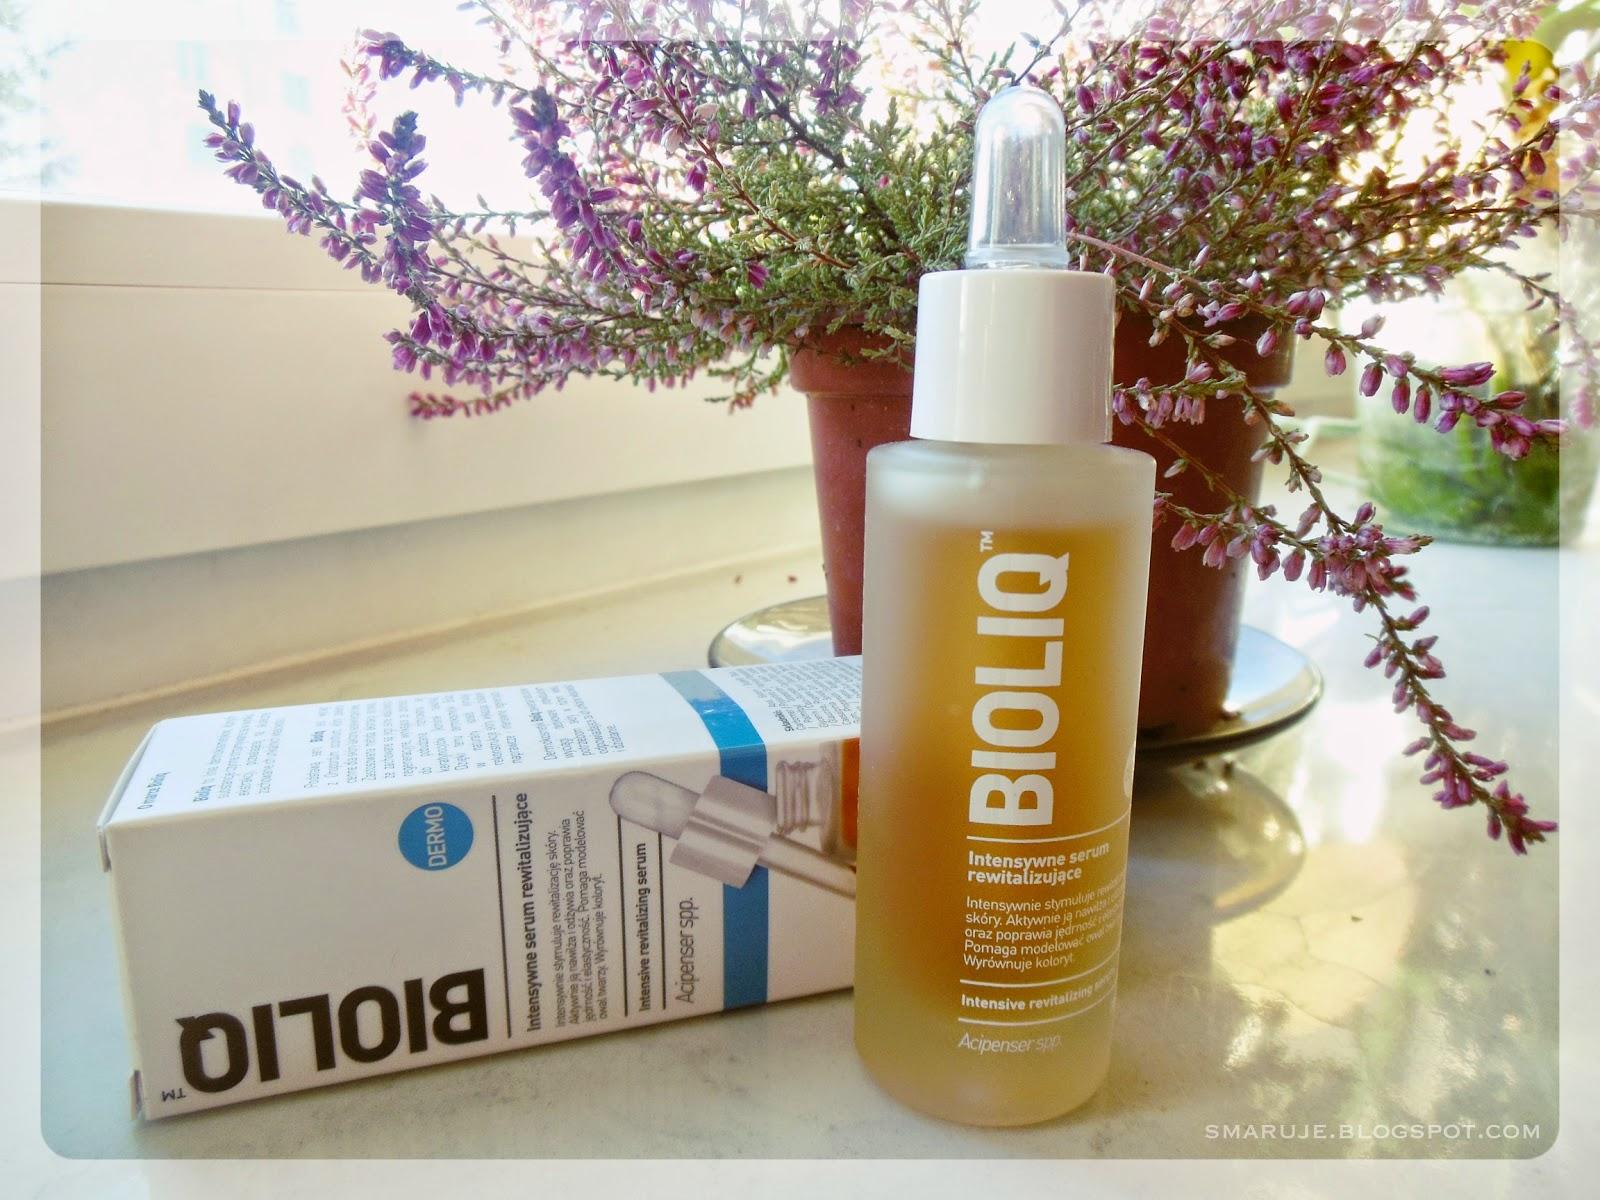 Piękne, pachnące i lekkie: Bioliq – Intensywne serum rewitalizujące [recenzja]